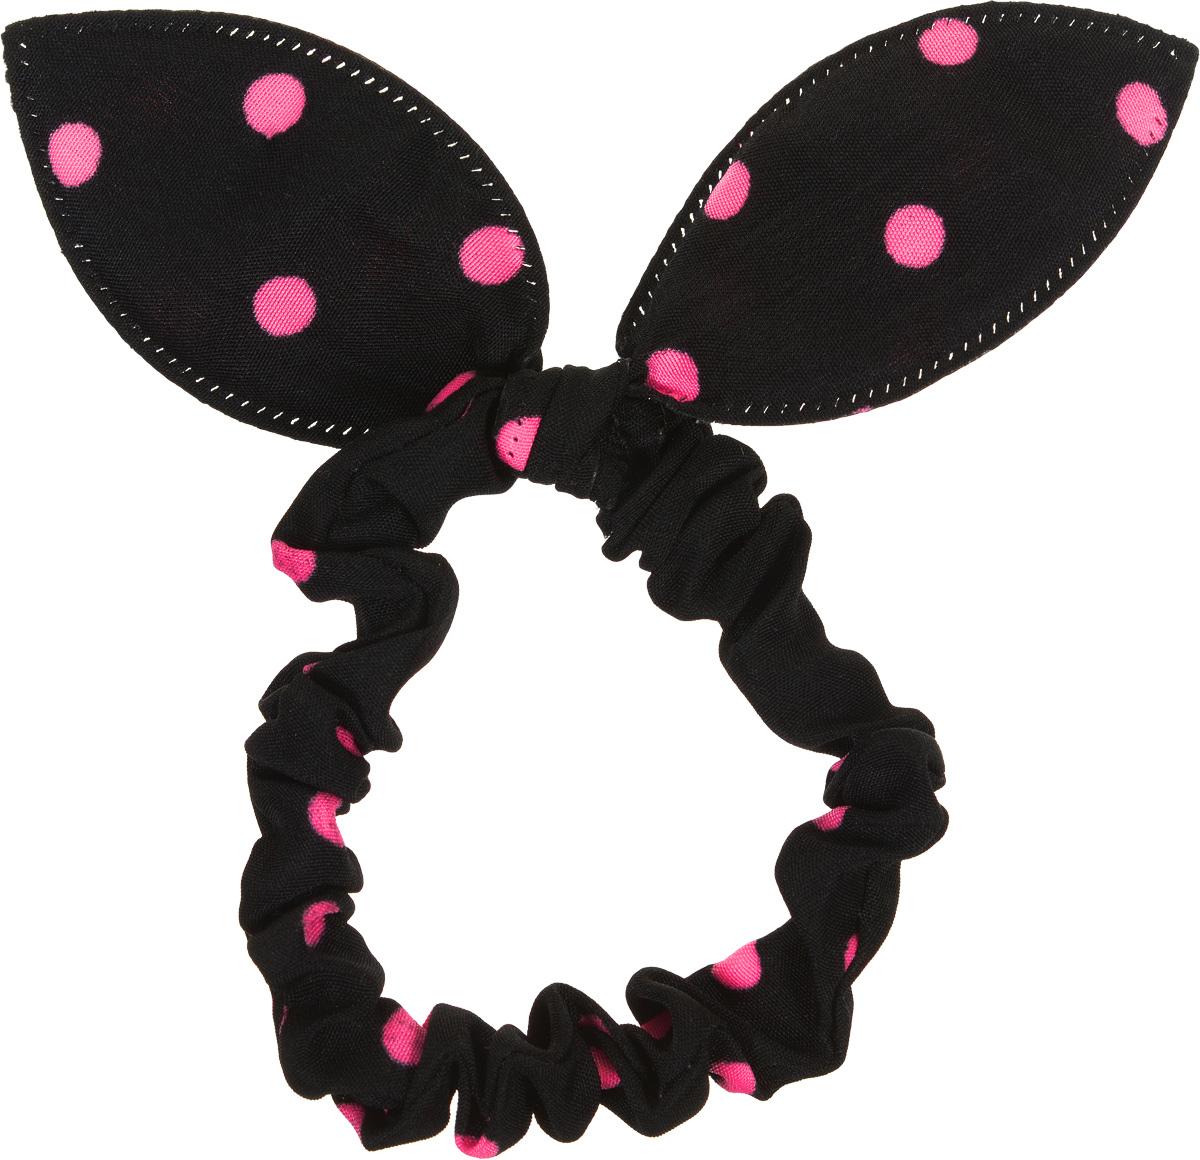 Magic Leverage Резинка для волос, цвет: розовый, черный